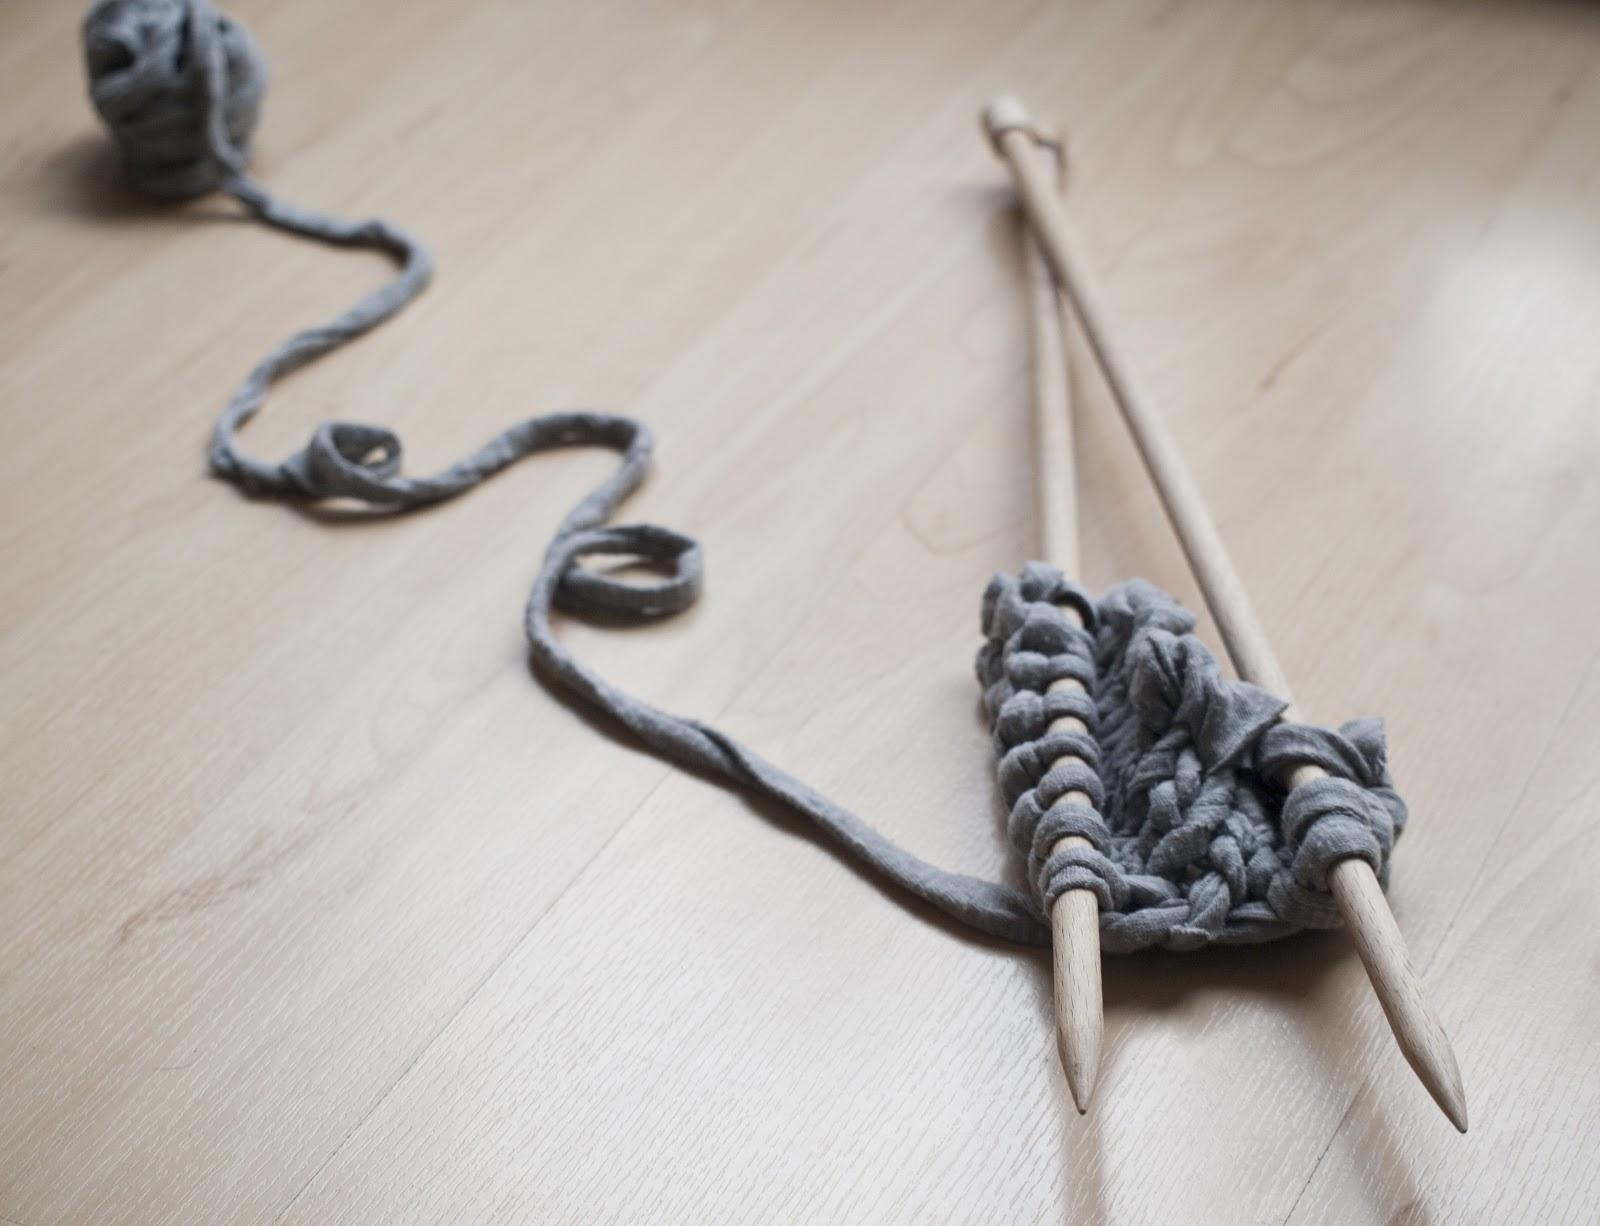 Puntobobo agujas de madera artesanales para tejer octubre - Tejer con trapillo ...